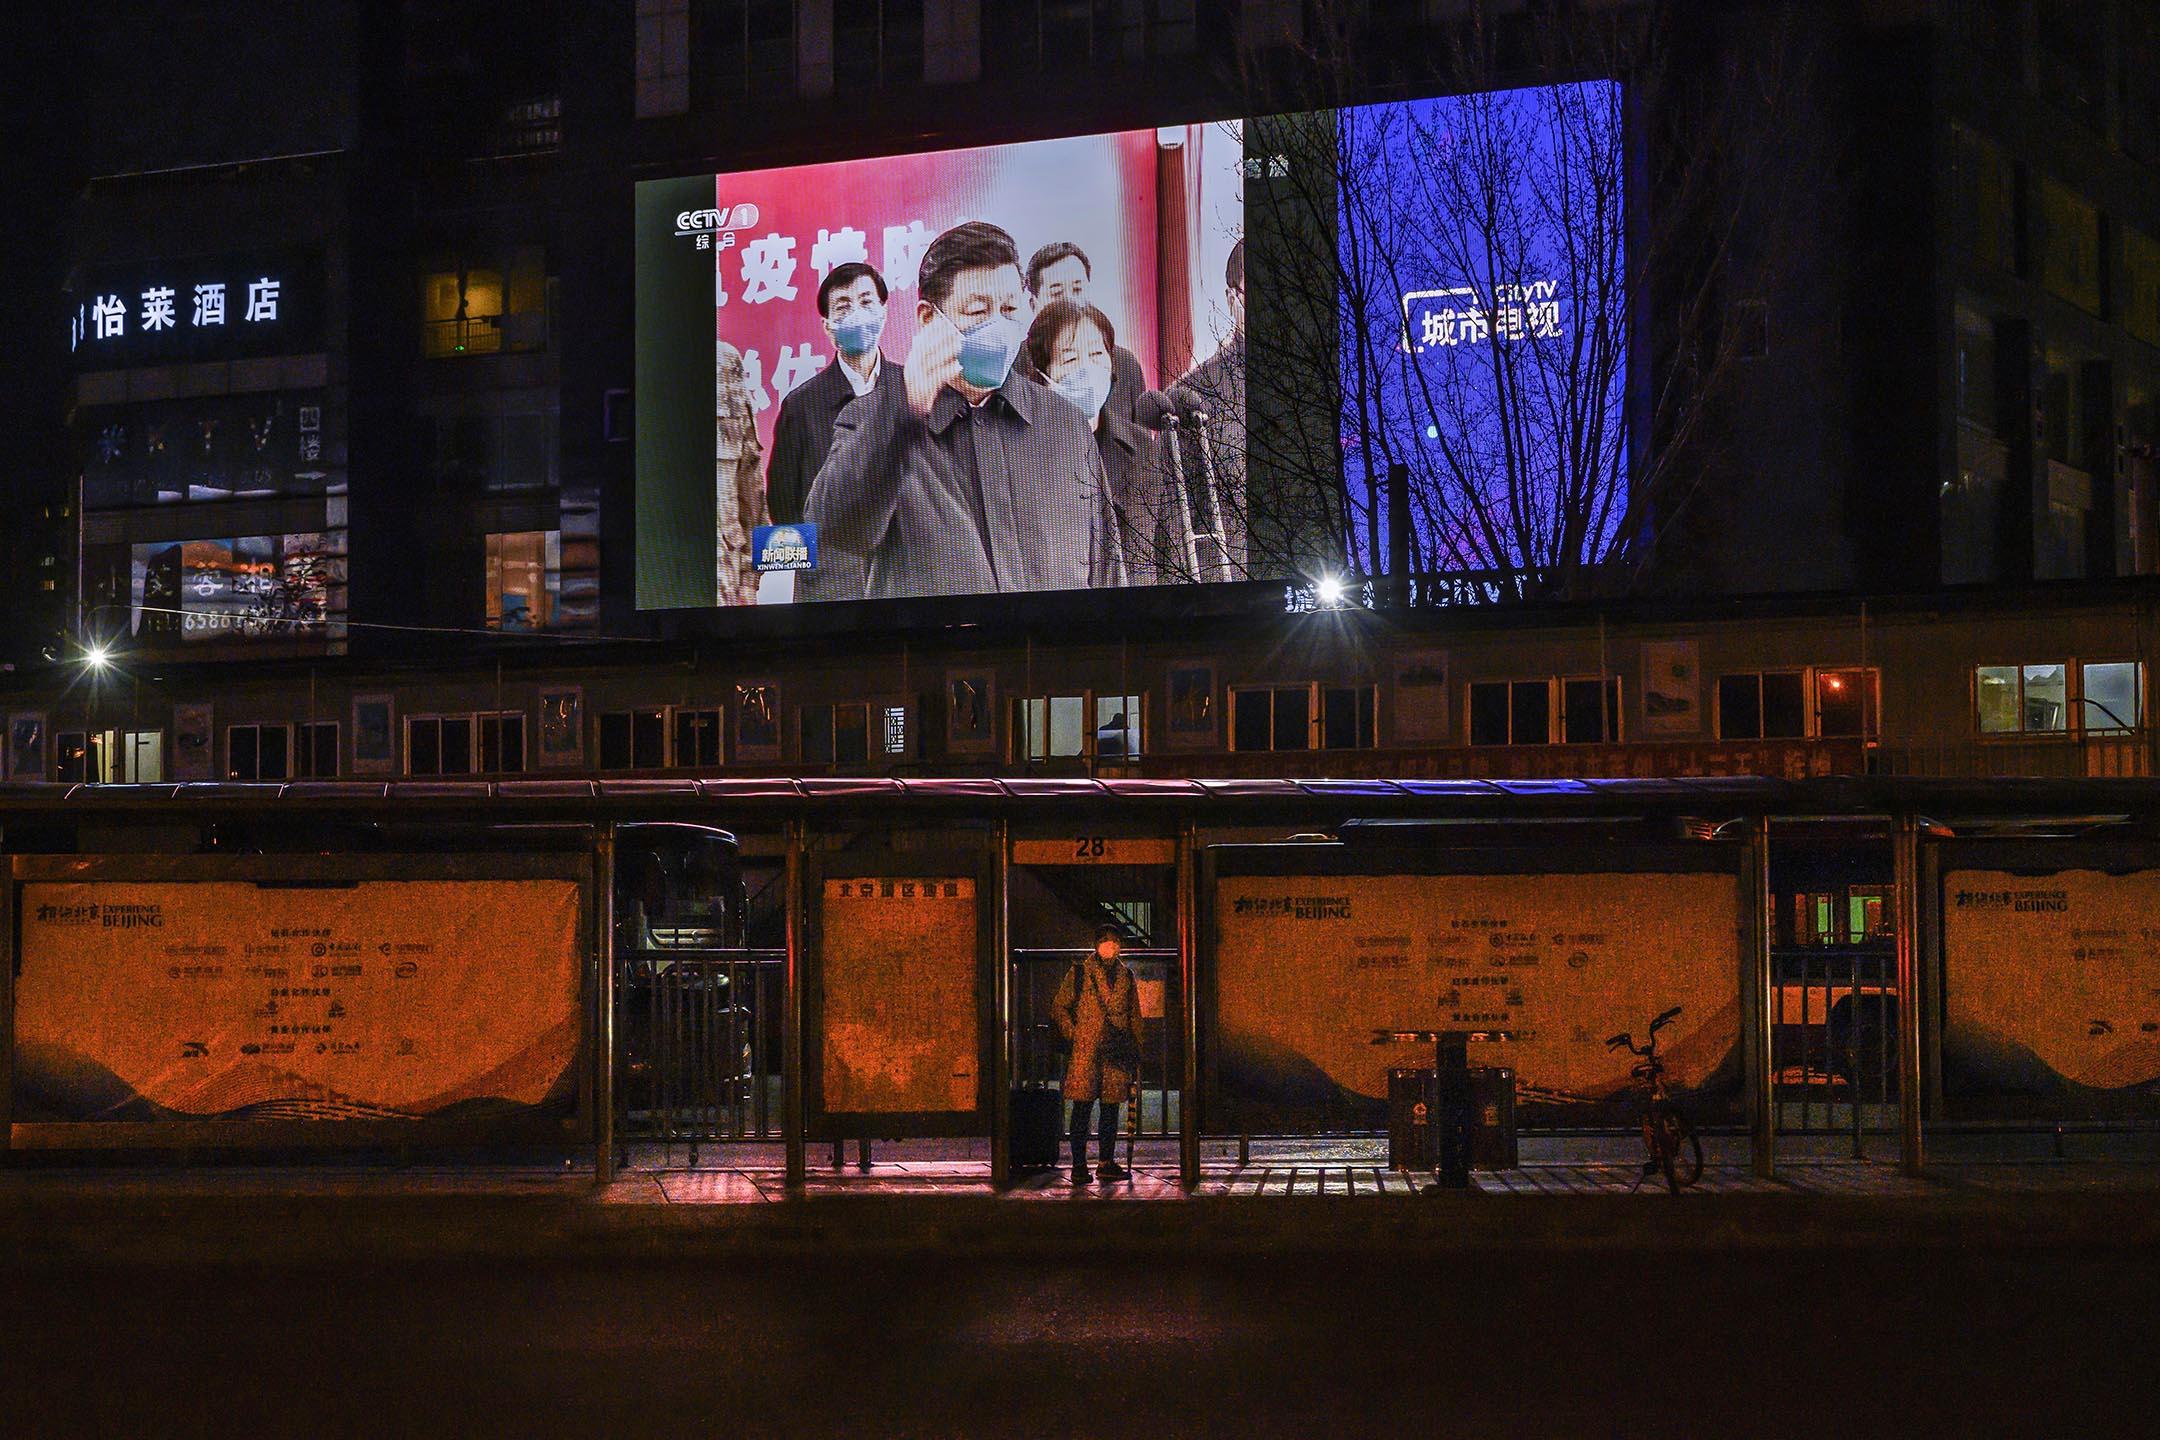 2020年3月10日北京,大街上的大屏幕播放新聞,顯示中國國家主席習近平訪問武漢。 攝:Kevin Frayer/Getty Images